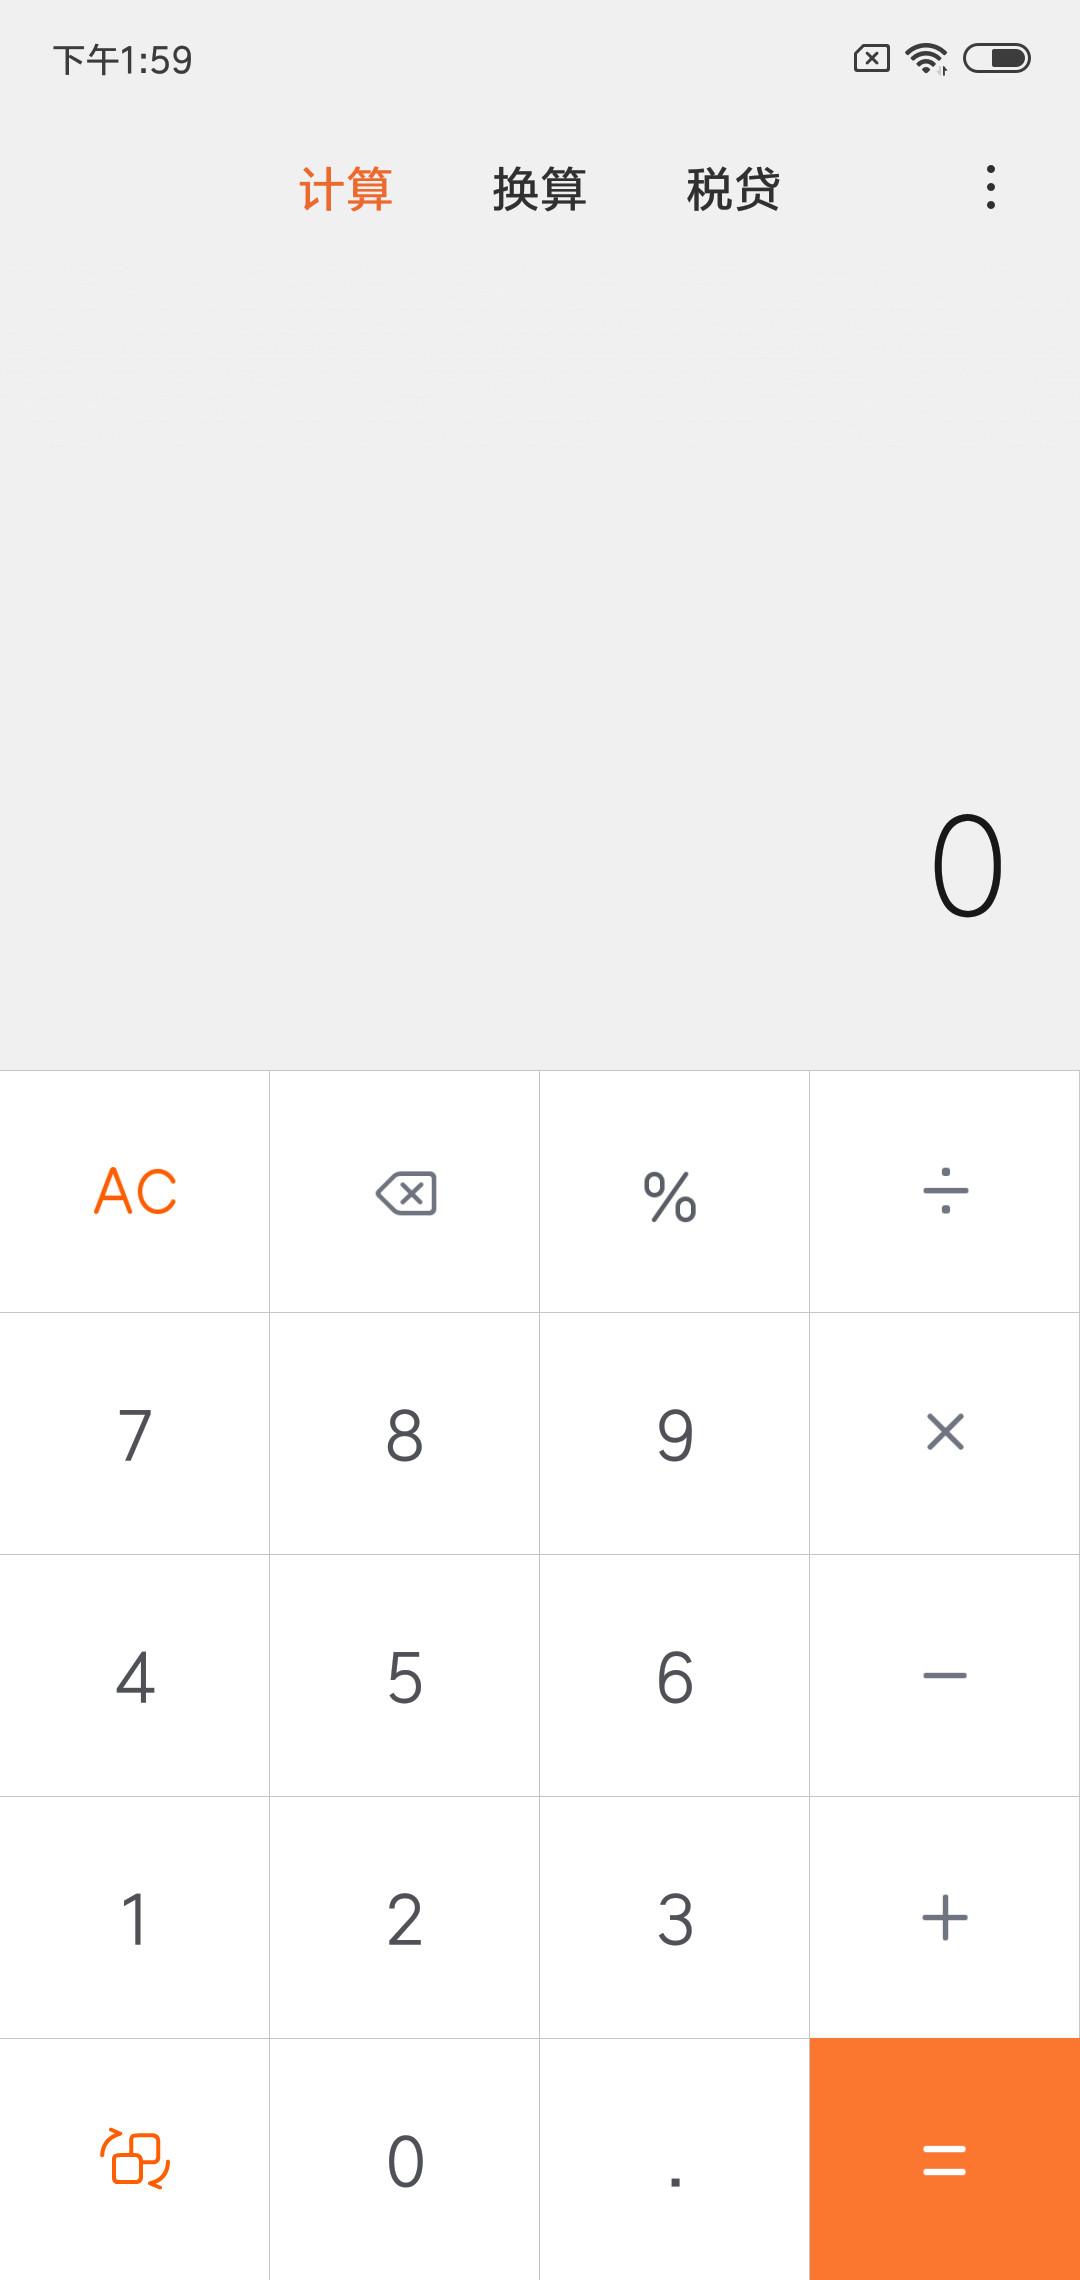 小米8青春版(4+64GB)手机功能界面第5张